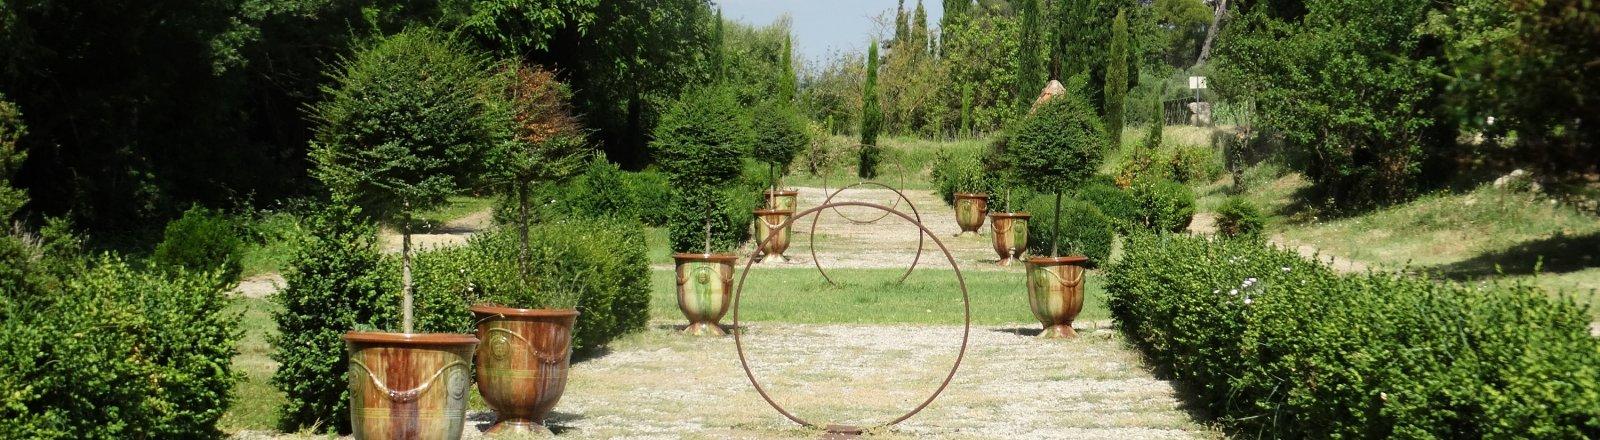 Les jardins - Domaine de Rieussec © Pays Coeur d'Hérault